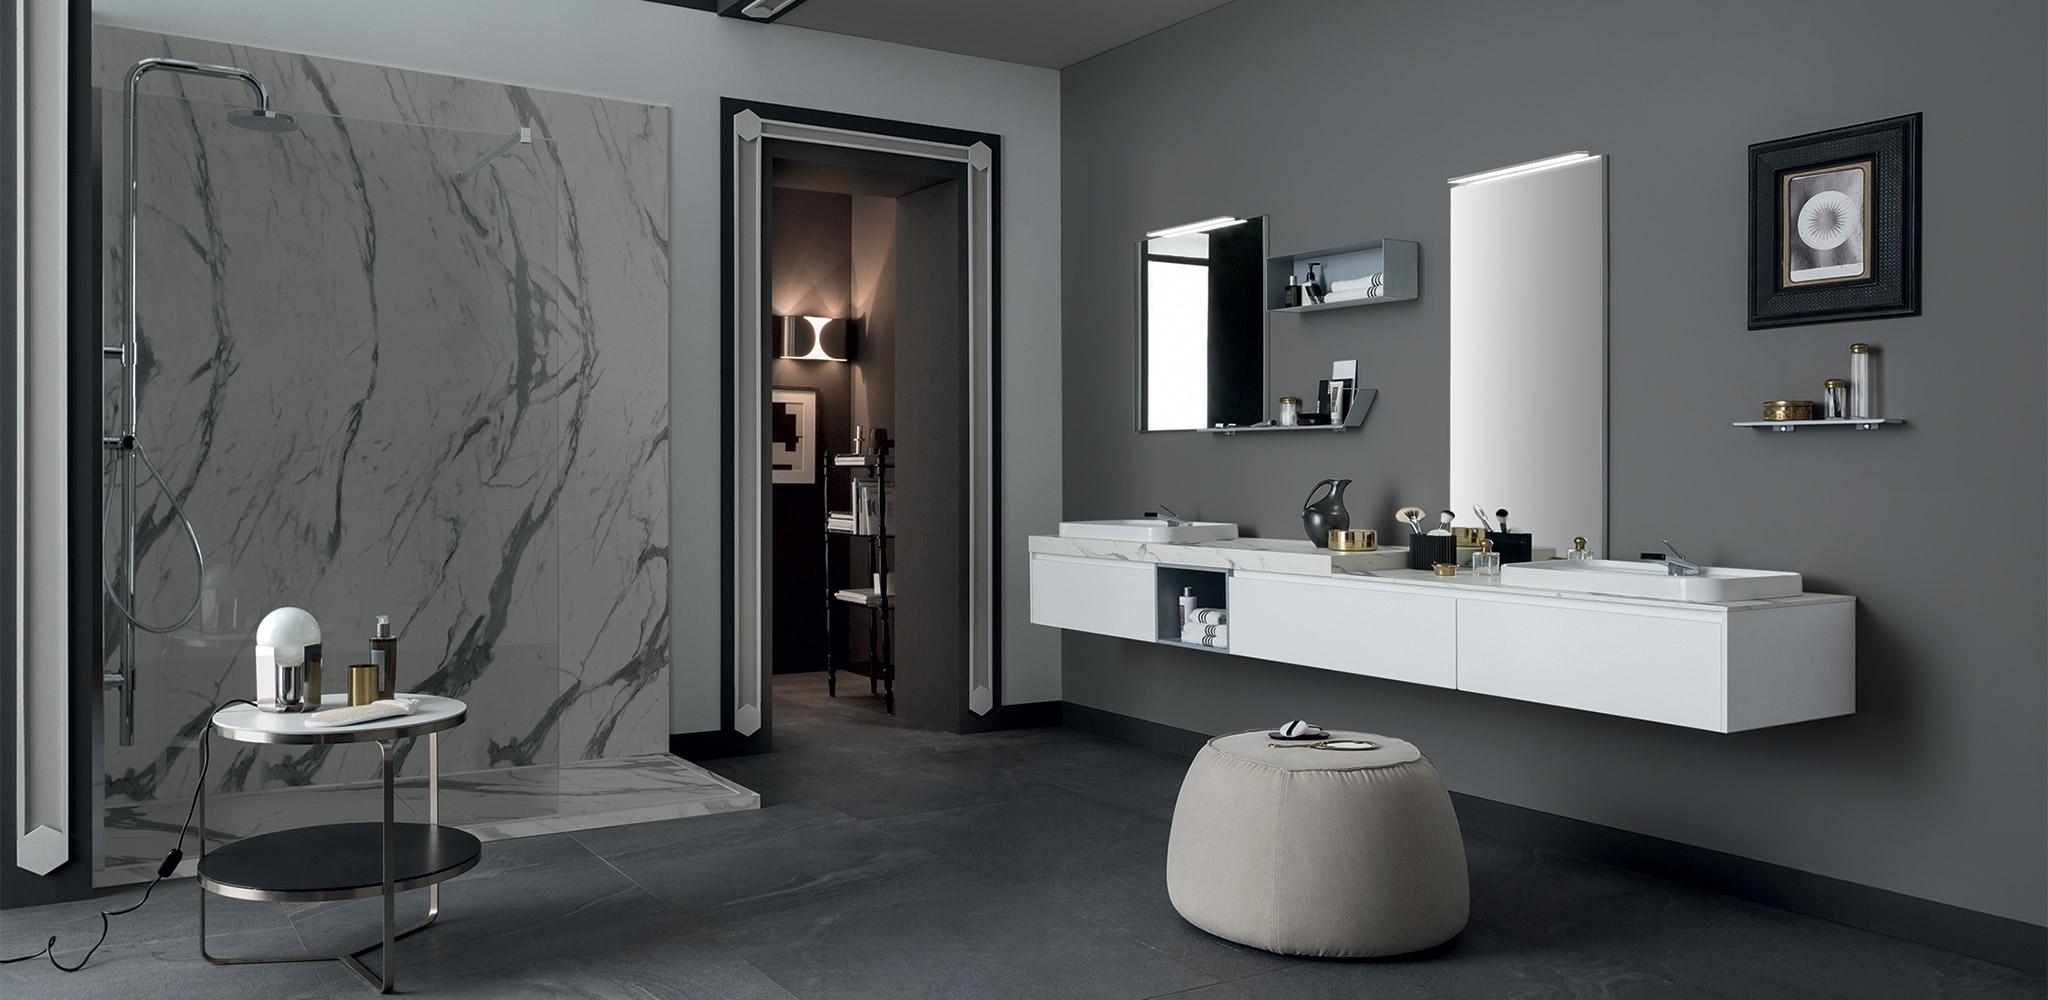 mobile bagno con doppio lavabo, design rab arredobagno, nuovo a ... - Arredo Bagno Moderno Doppio Lavabo